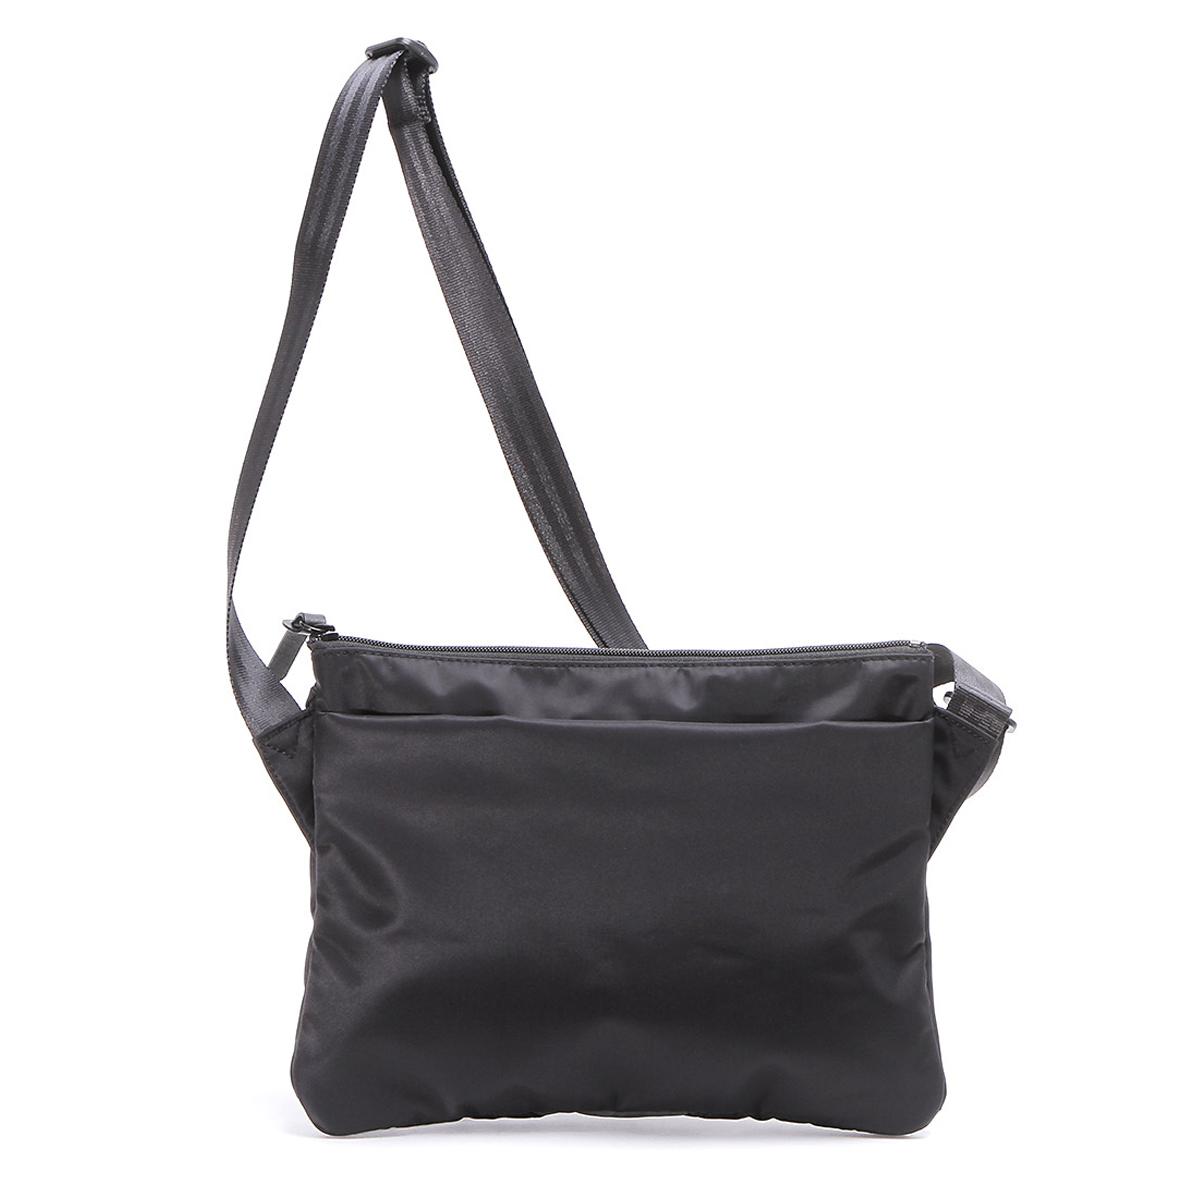 Túi đeo chéo KENSINGTON SHOULDERBAG Mã TN930 10